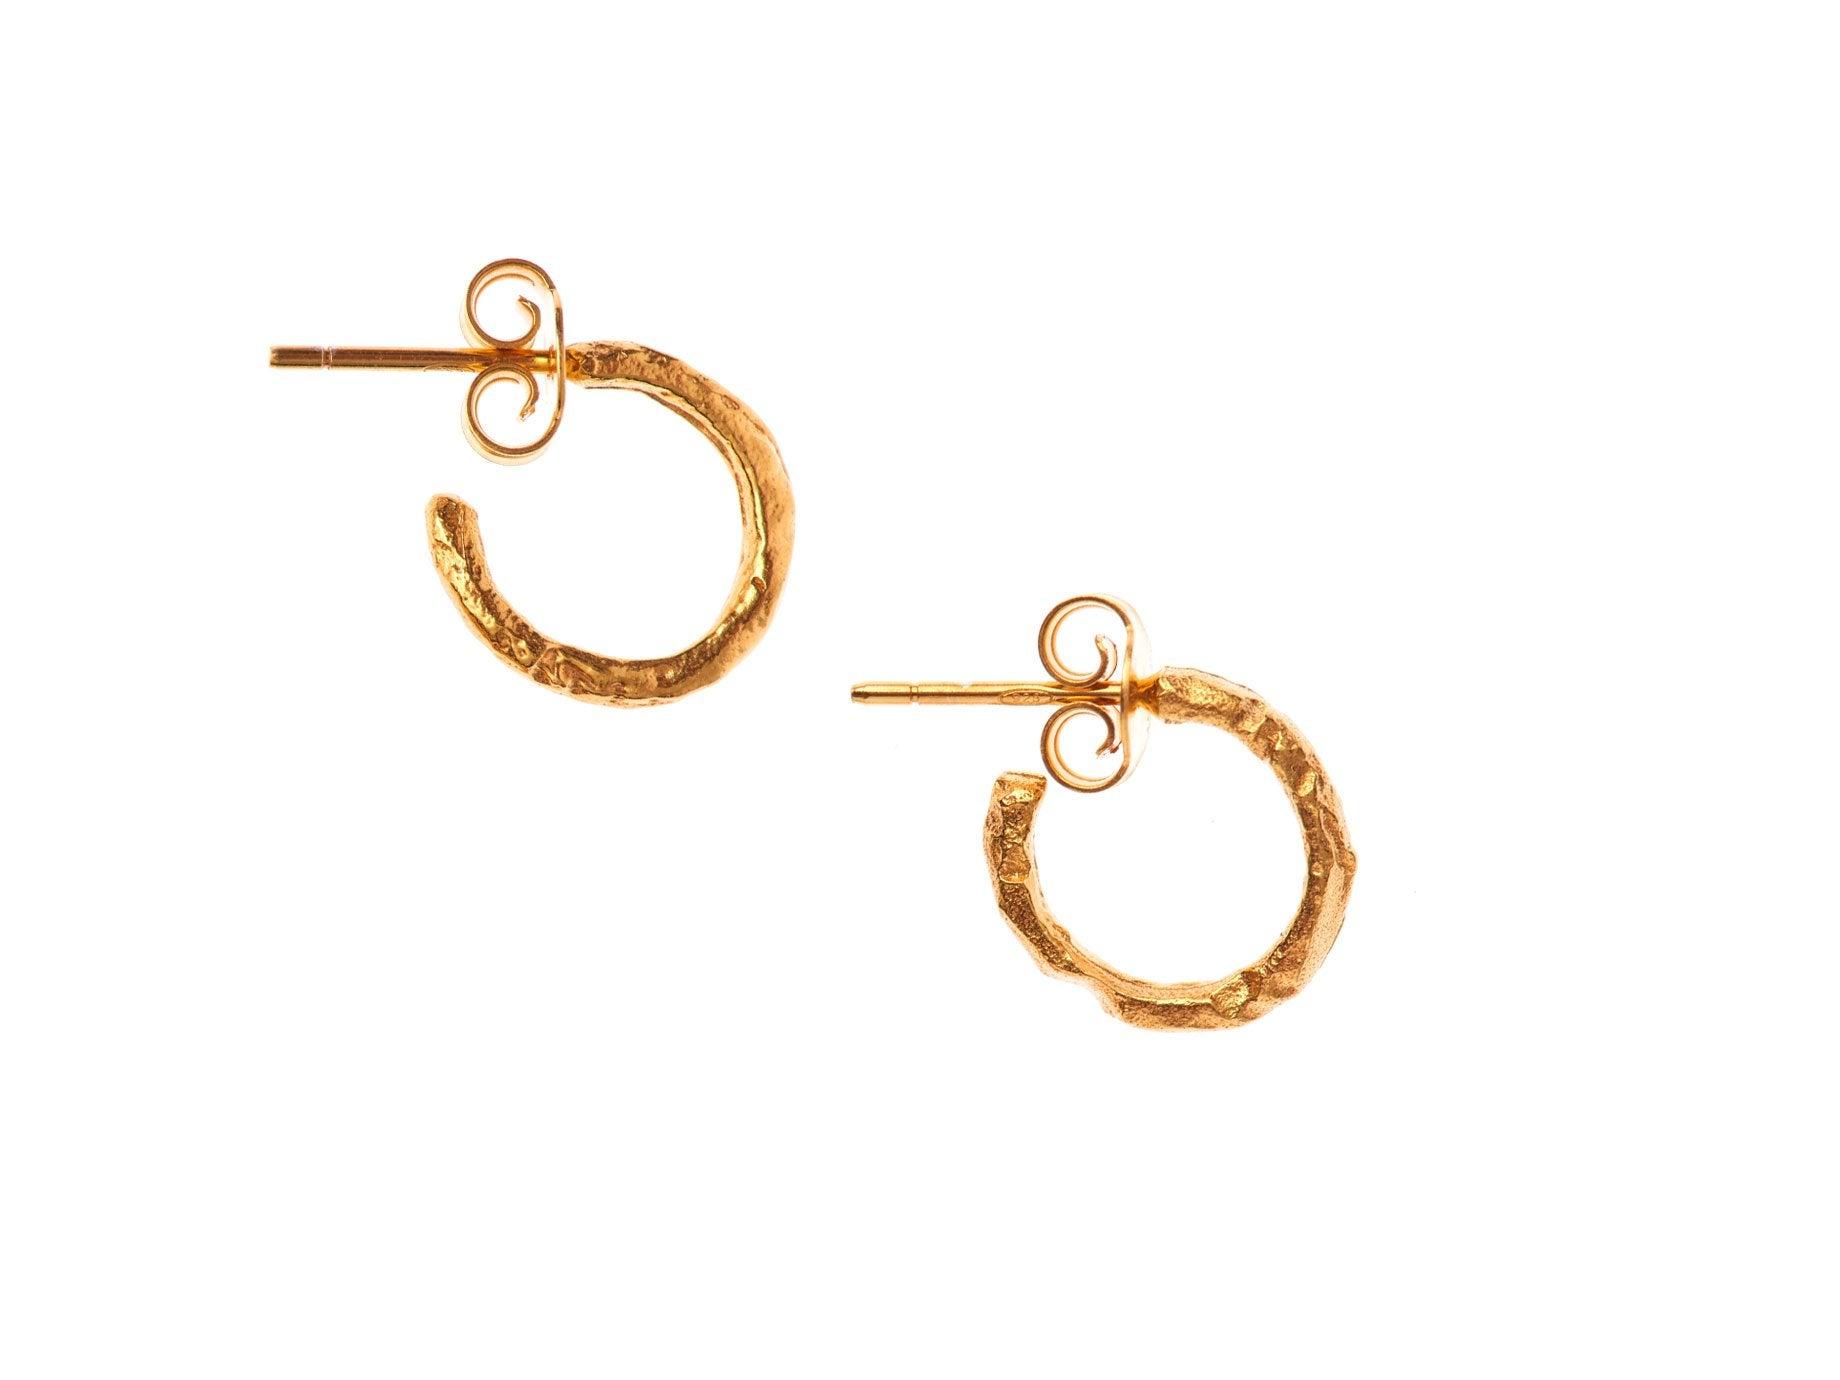 The Morning Hour Hoop Earrings